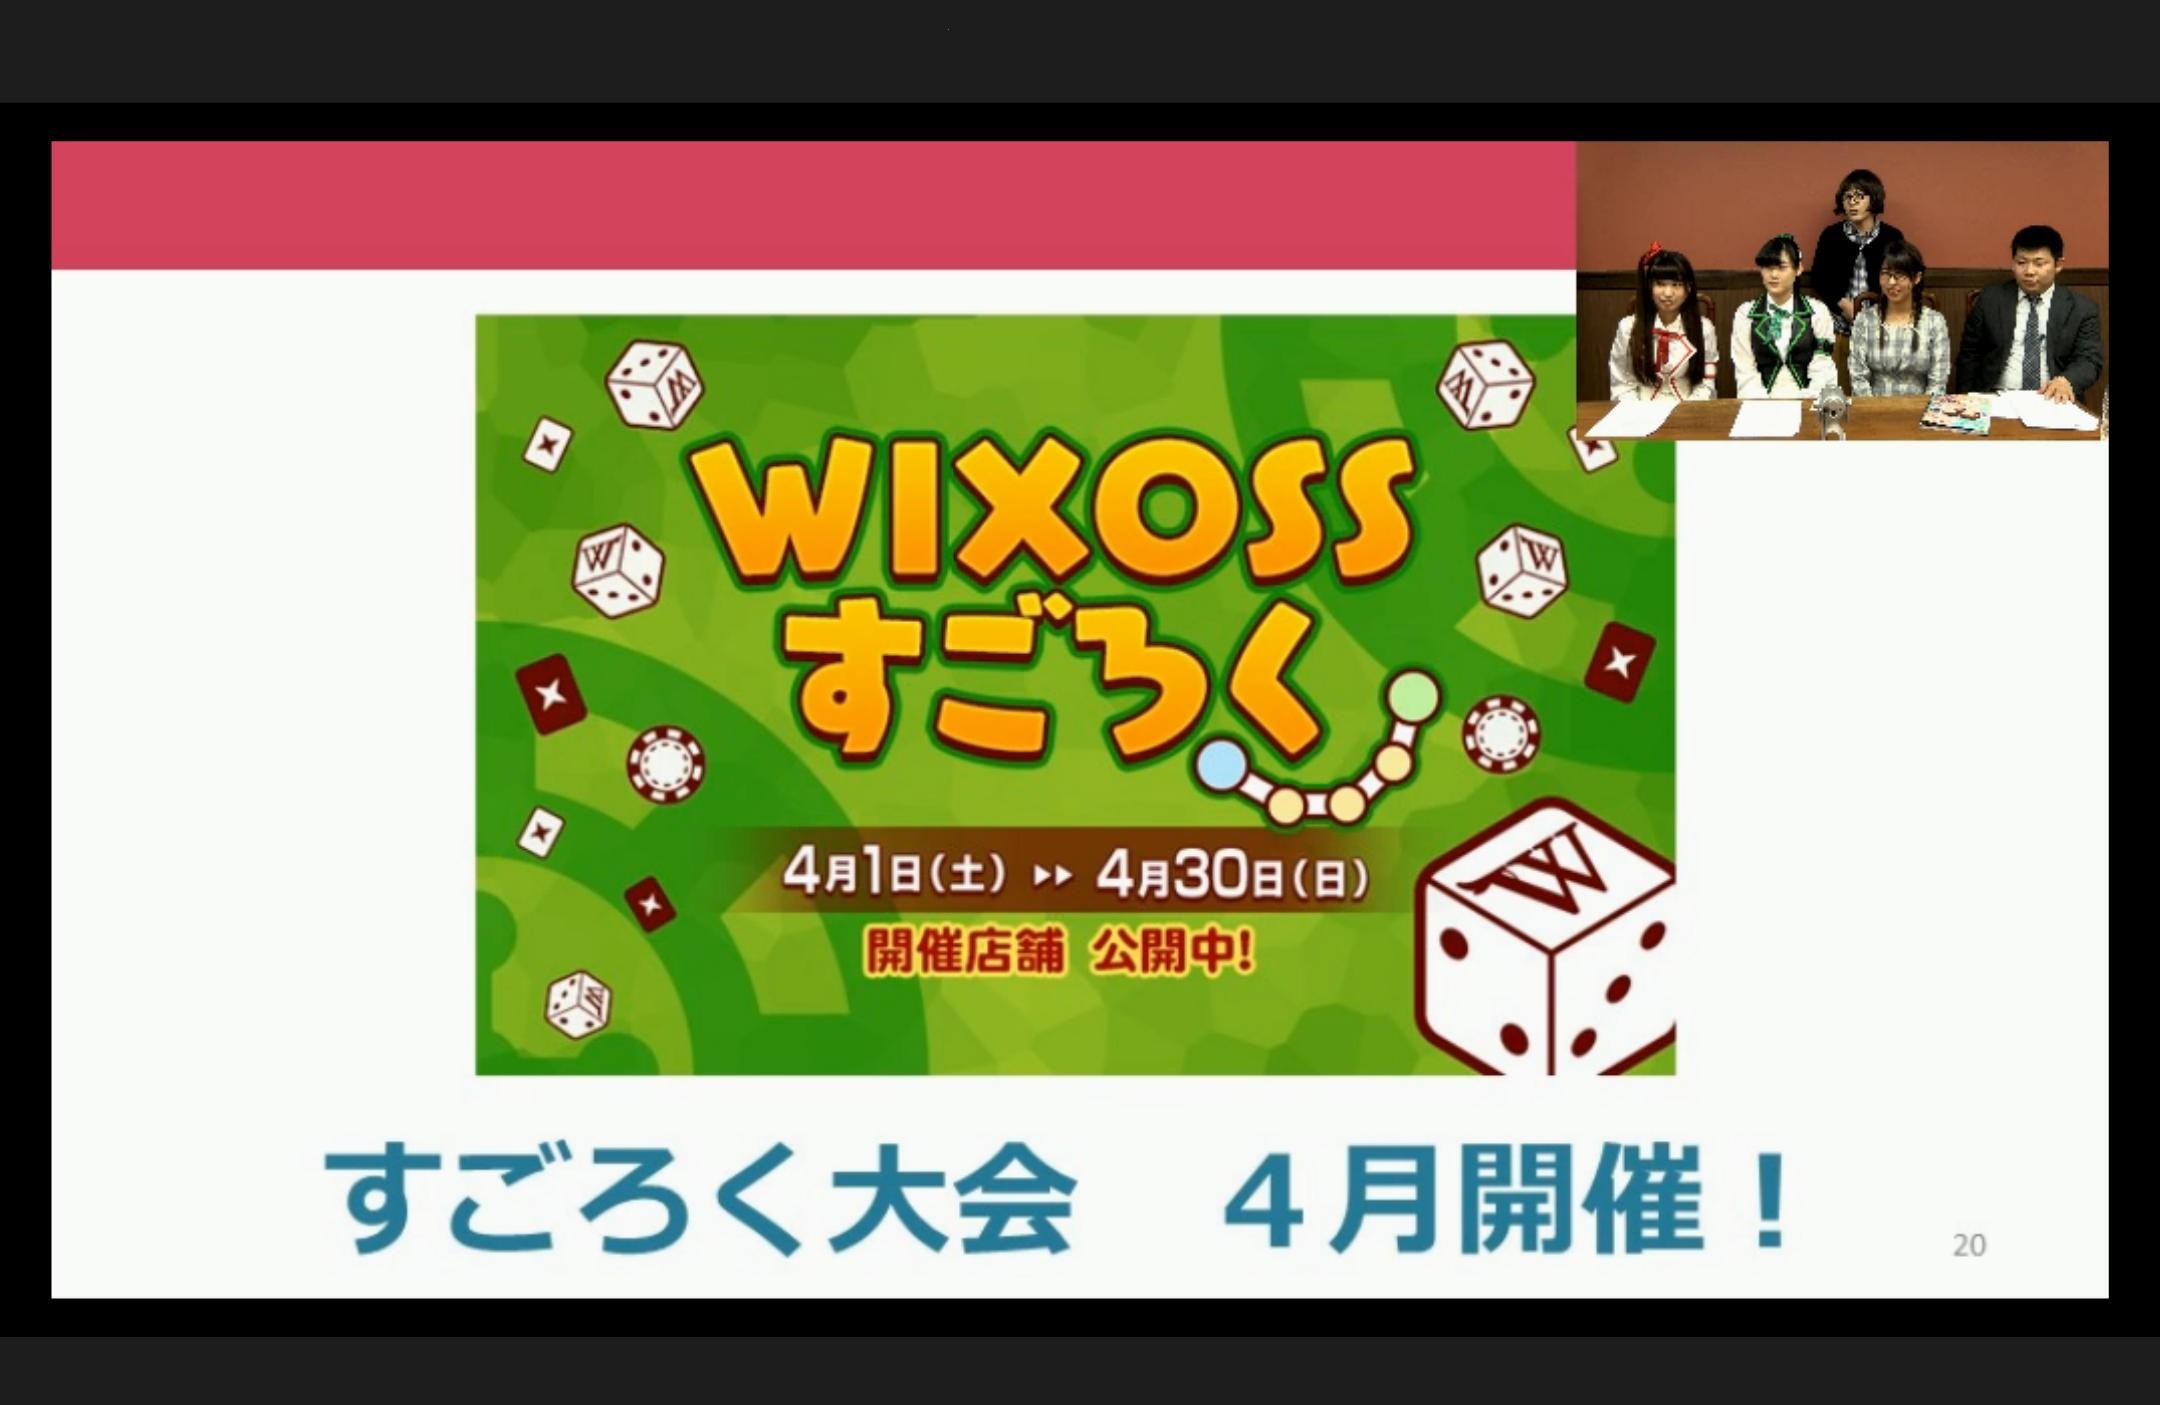 wixoss-live-170329-020.jpg